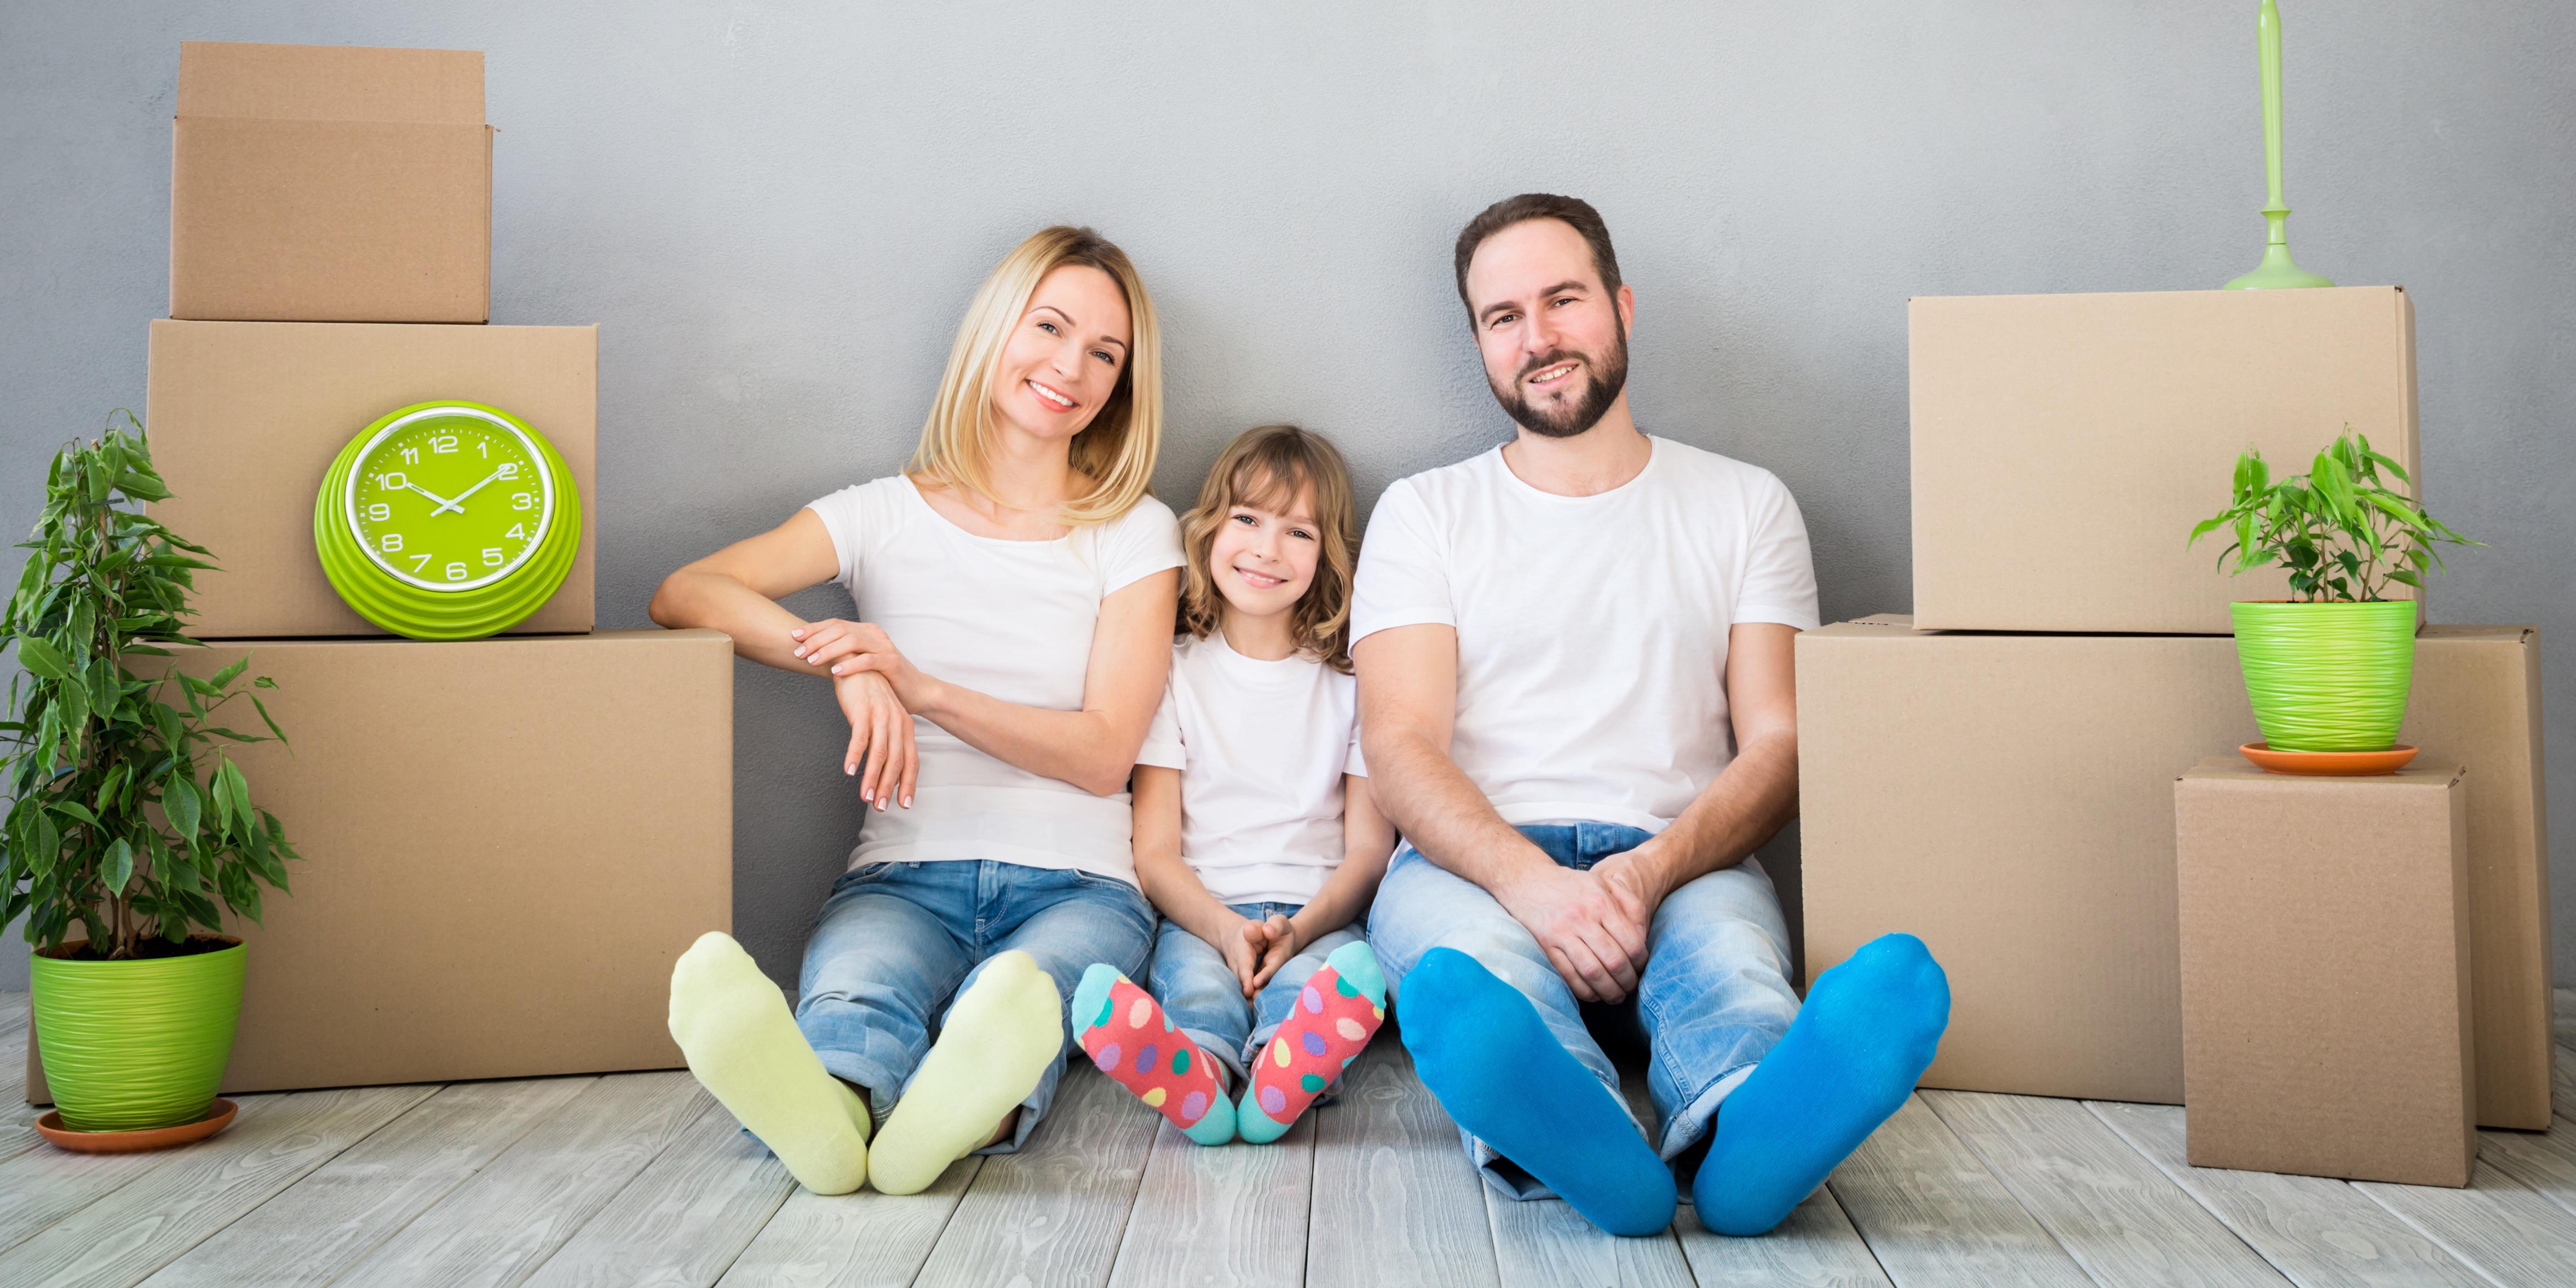 hypotheek met gezin